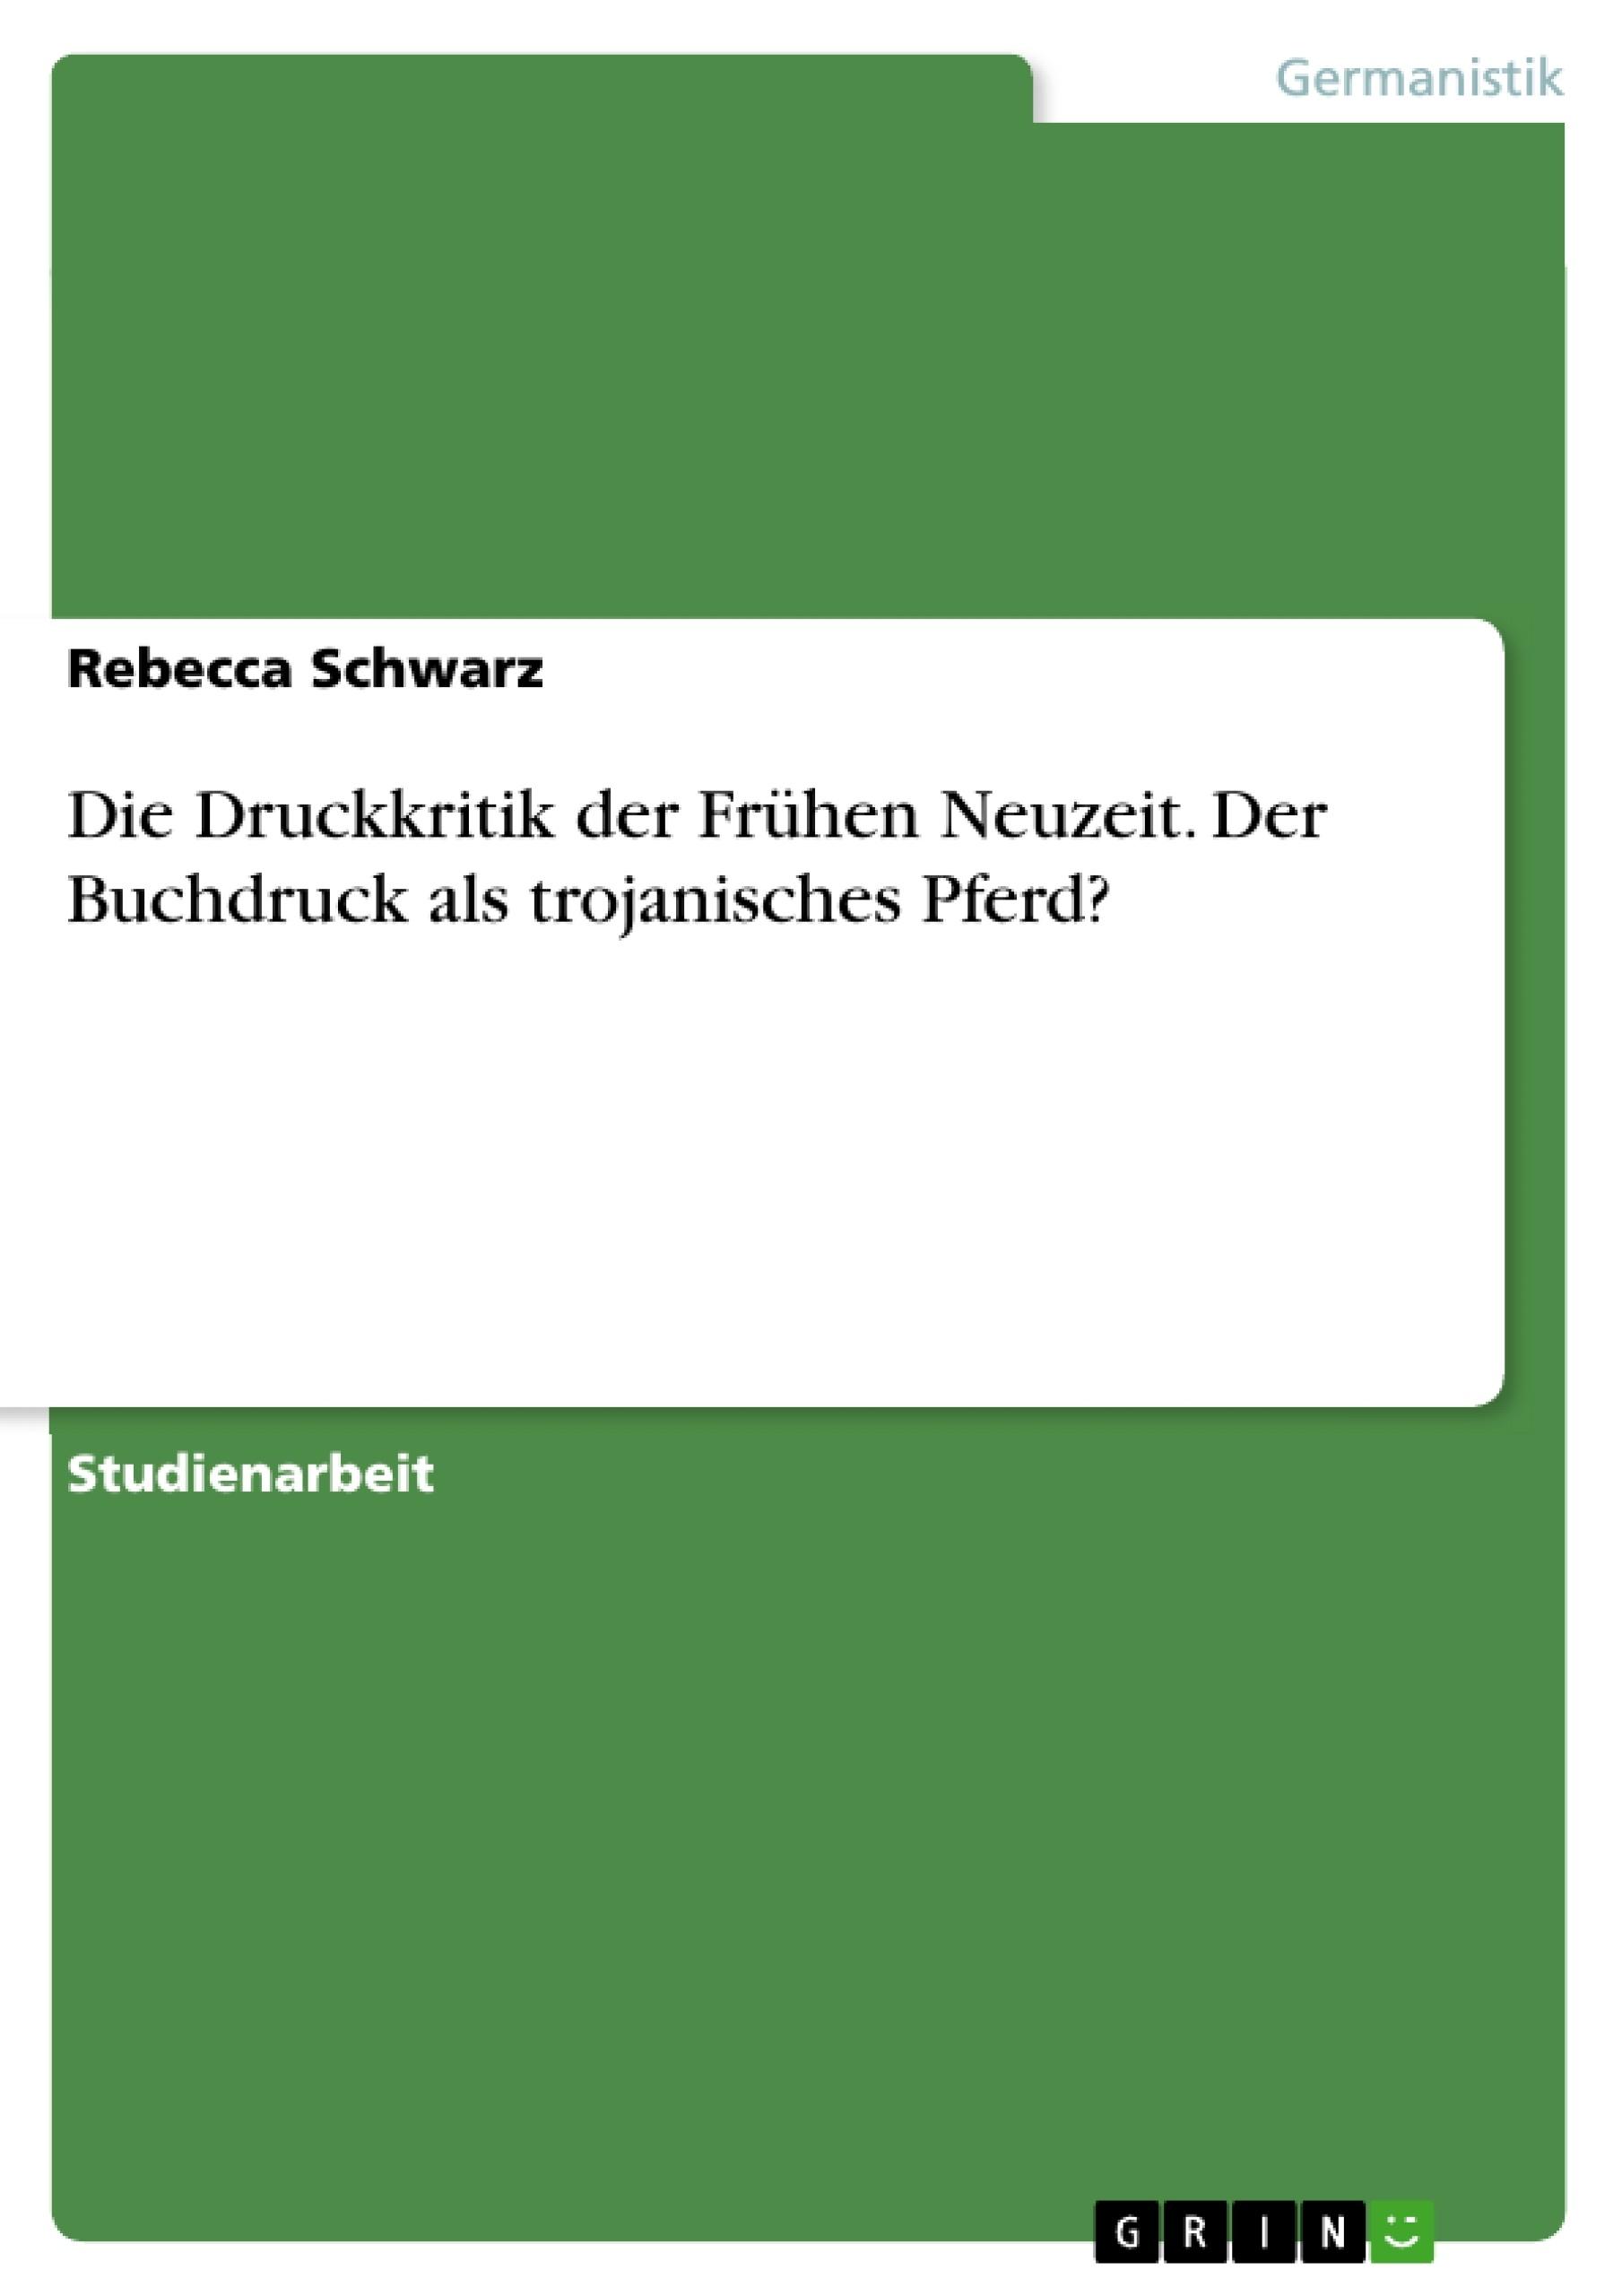 Titel: Die Druckkritik der Frühen Neuzeit. Der Buchdruck als trojanisches Pferd?